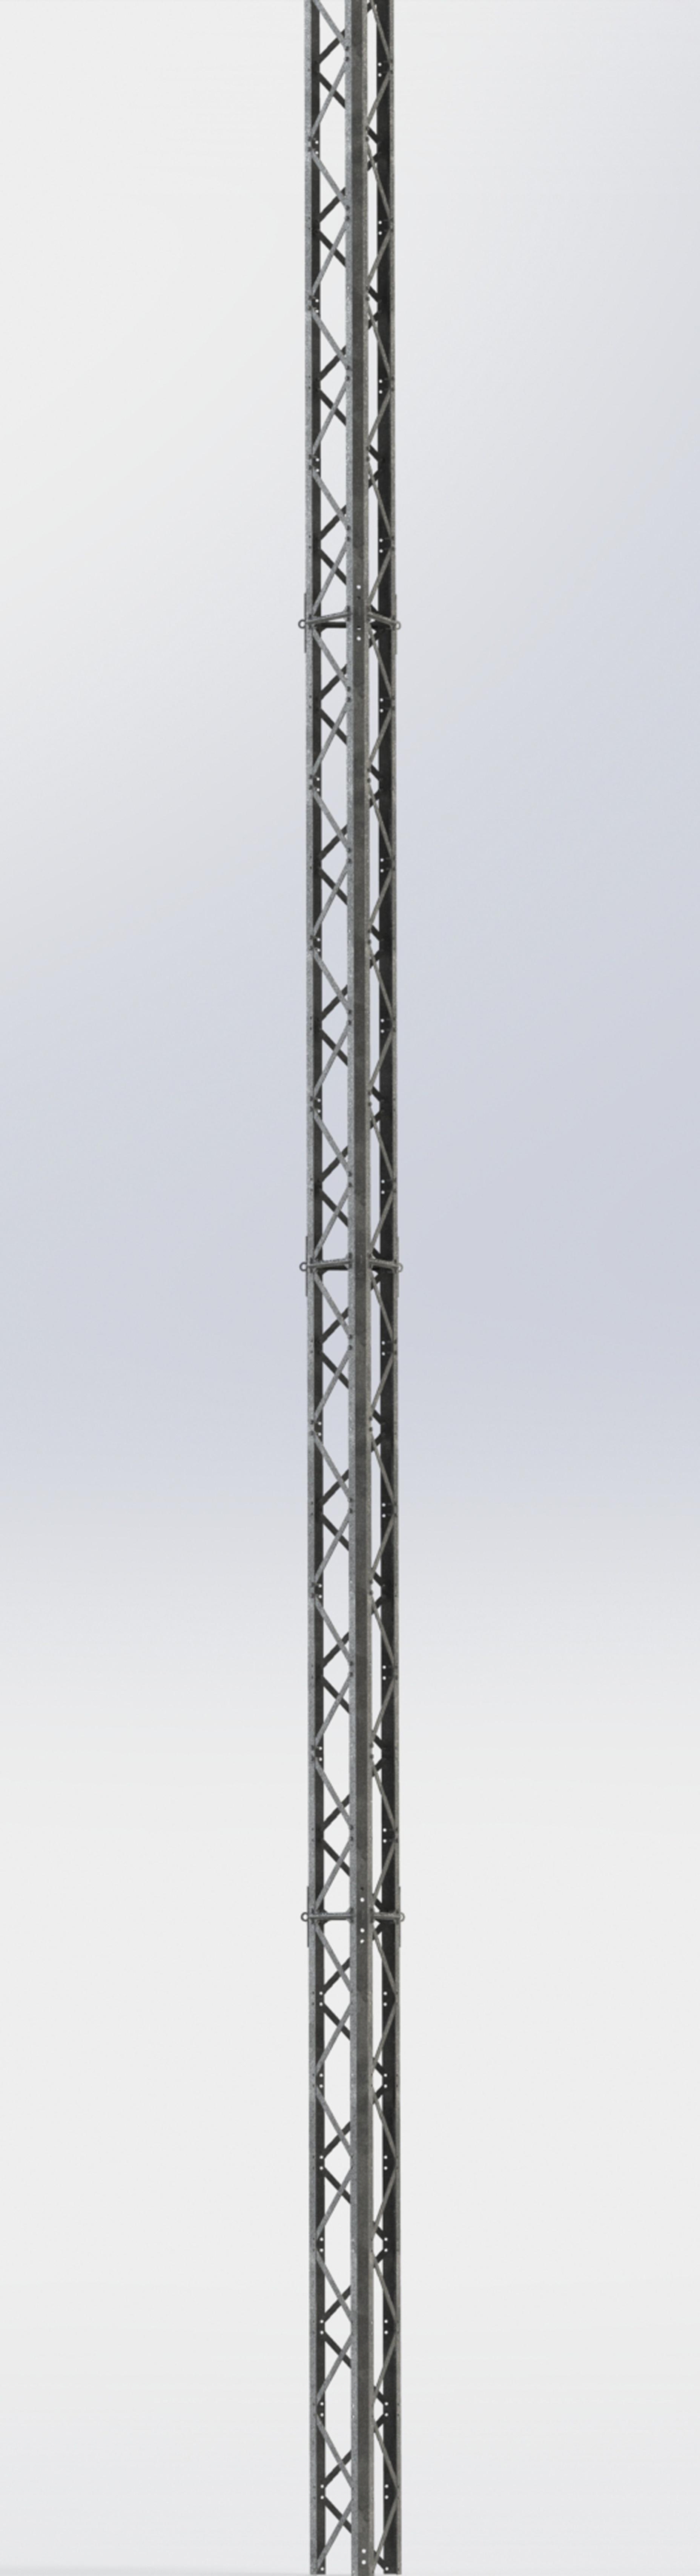 Radiomaston-runko